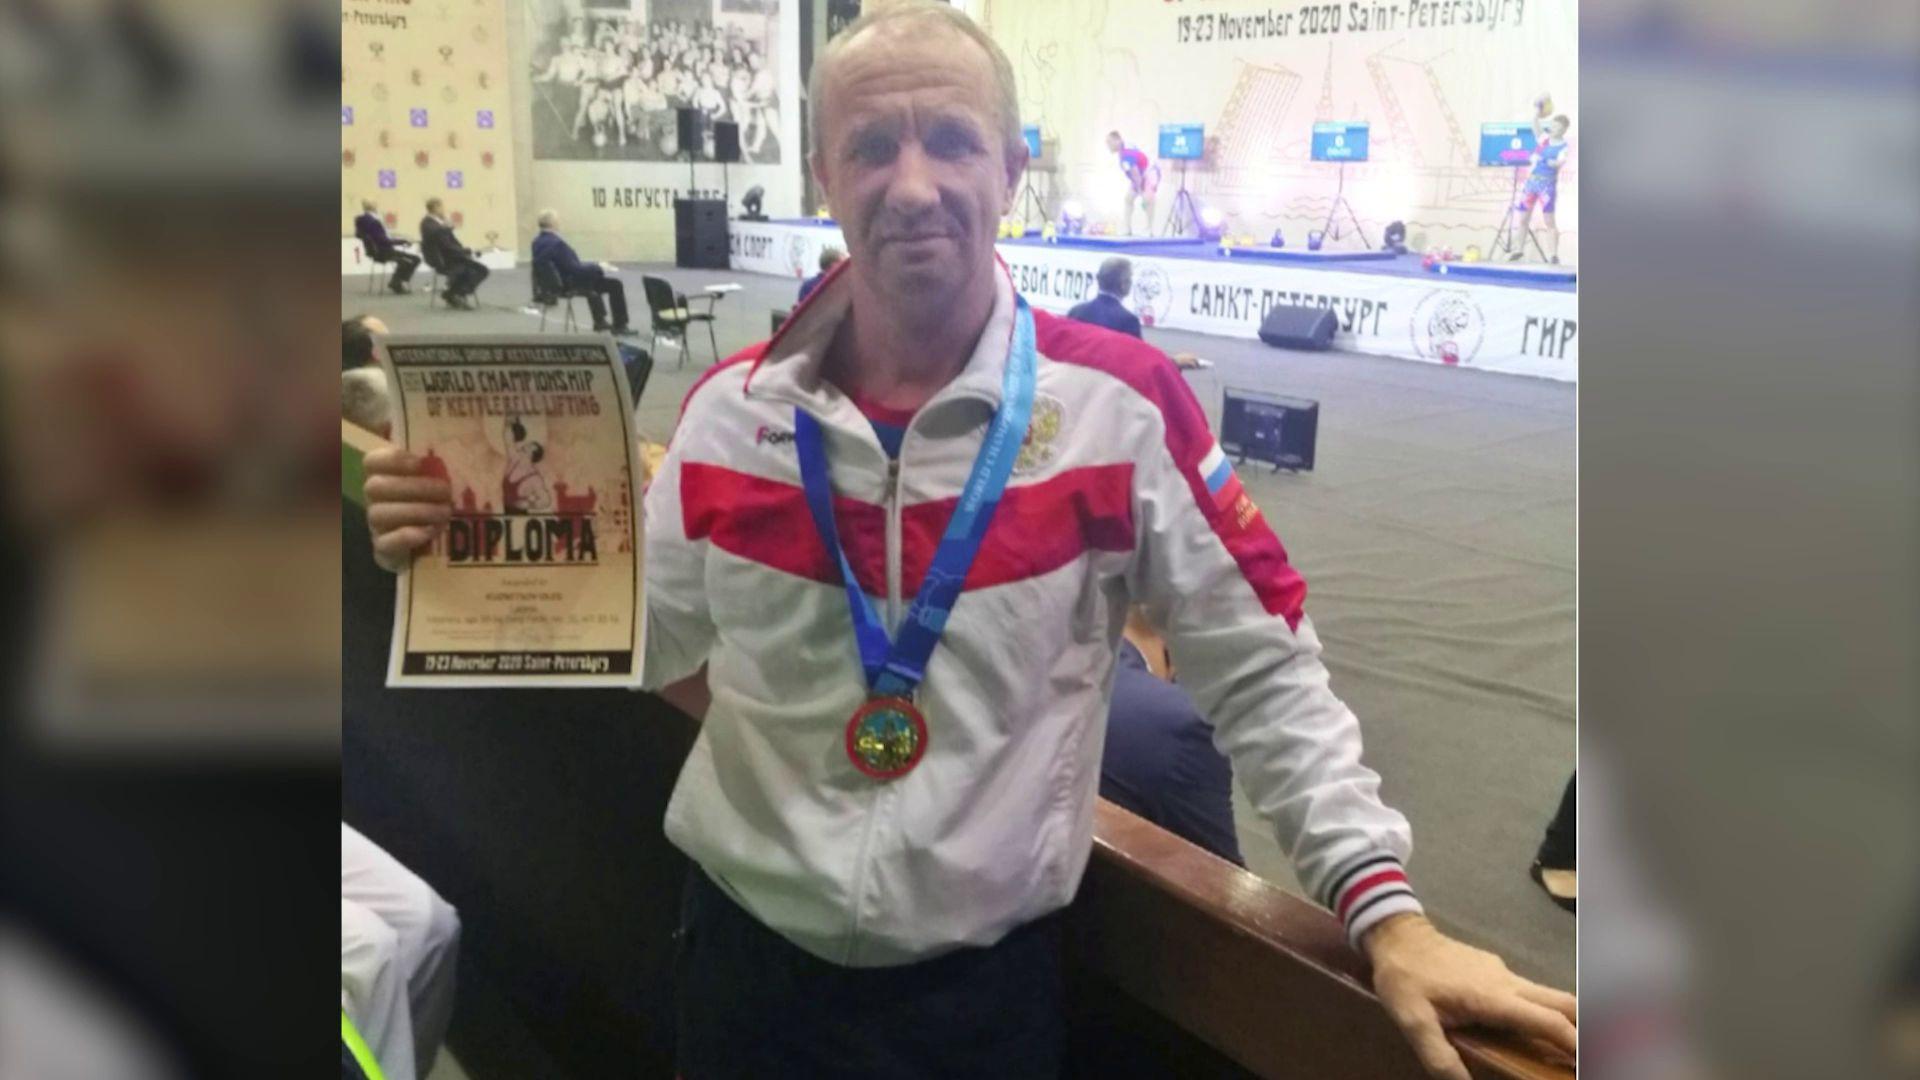 Ярославцы привезли четыре медали с чемпионата и первенства мира по гиревому спорту